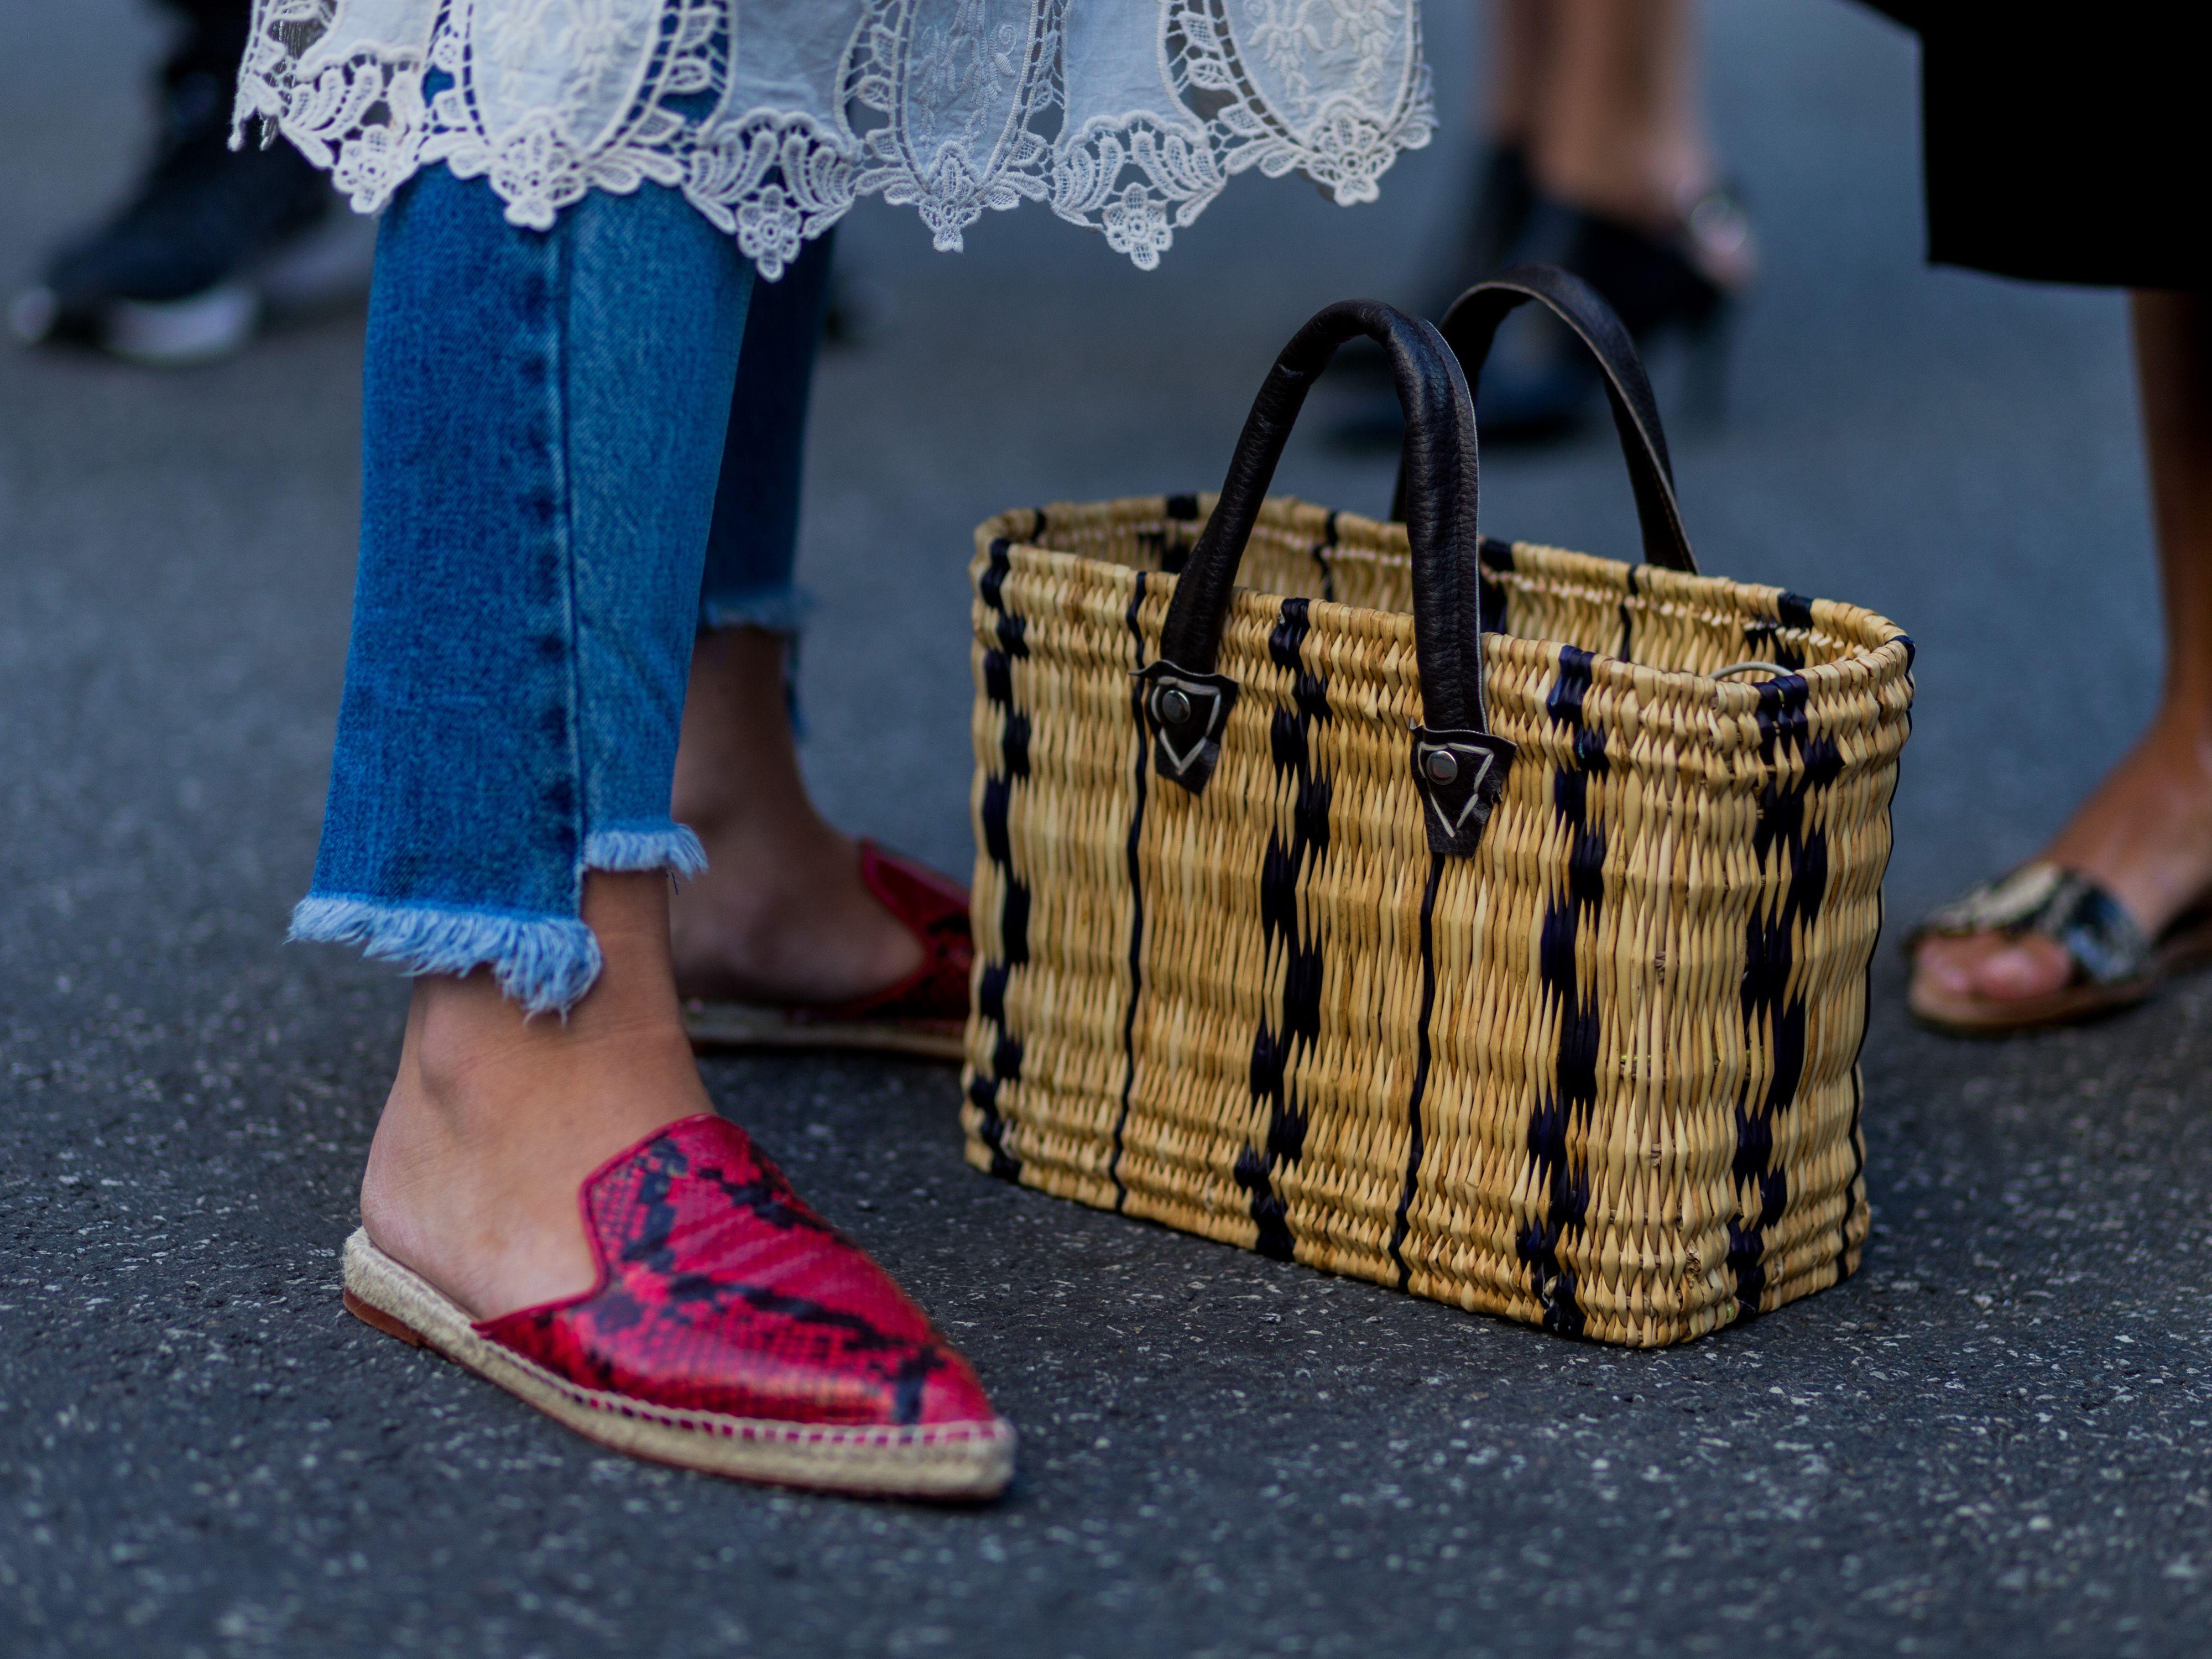 Đọc vị tính cách qua kiểu giày yêu thích 16